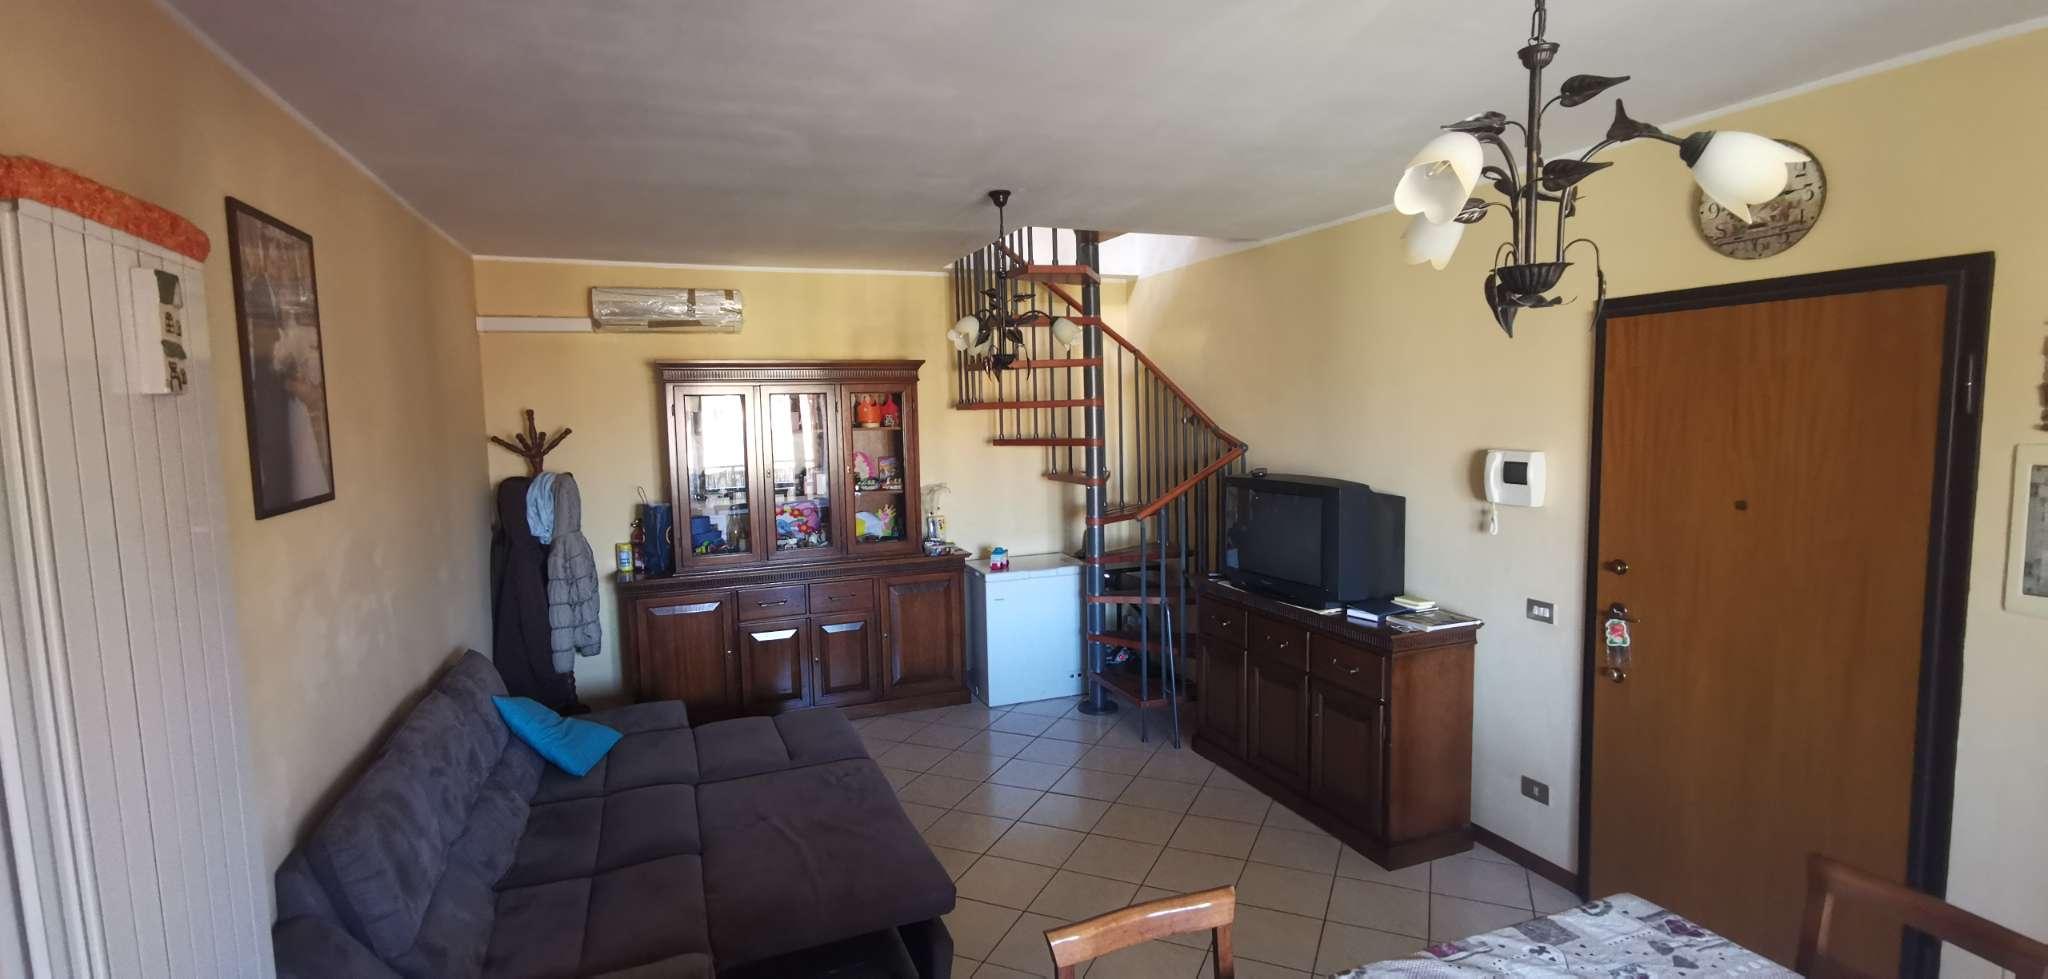 Appartamento in vendita a Spino d'Adda, 5 locali, prezzo € 169.000 | PortaleAgenzieImmobiliari.it